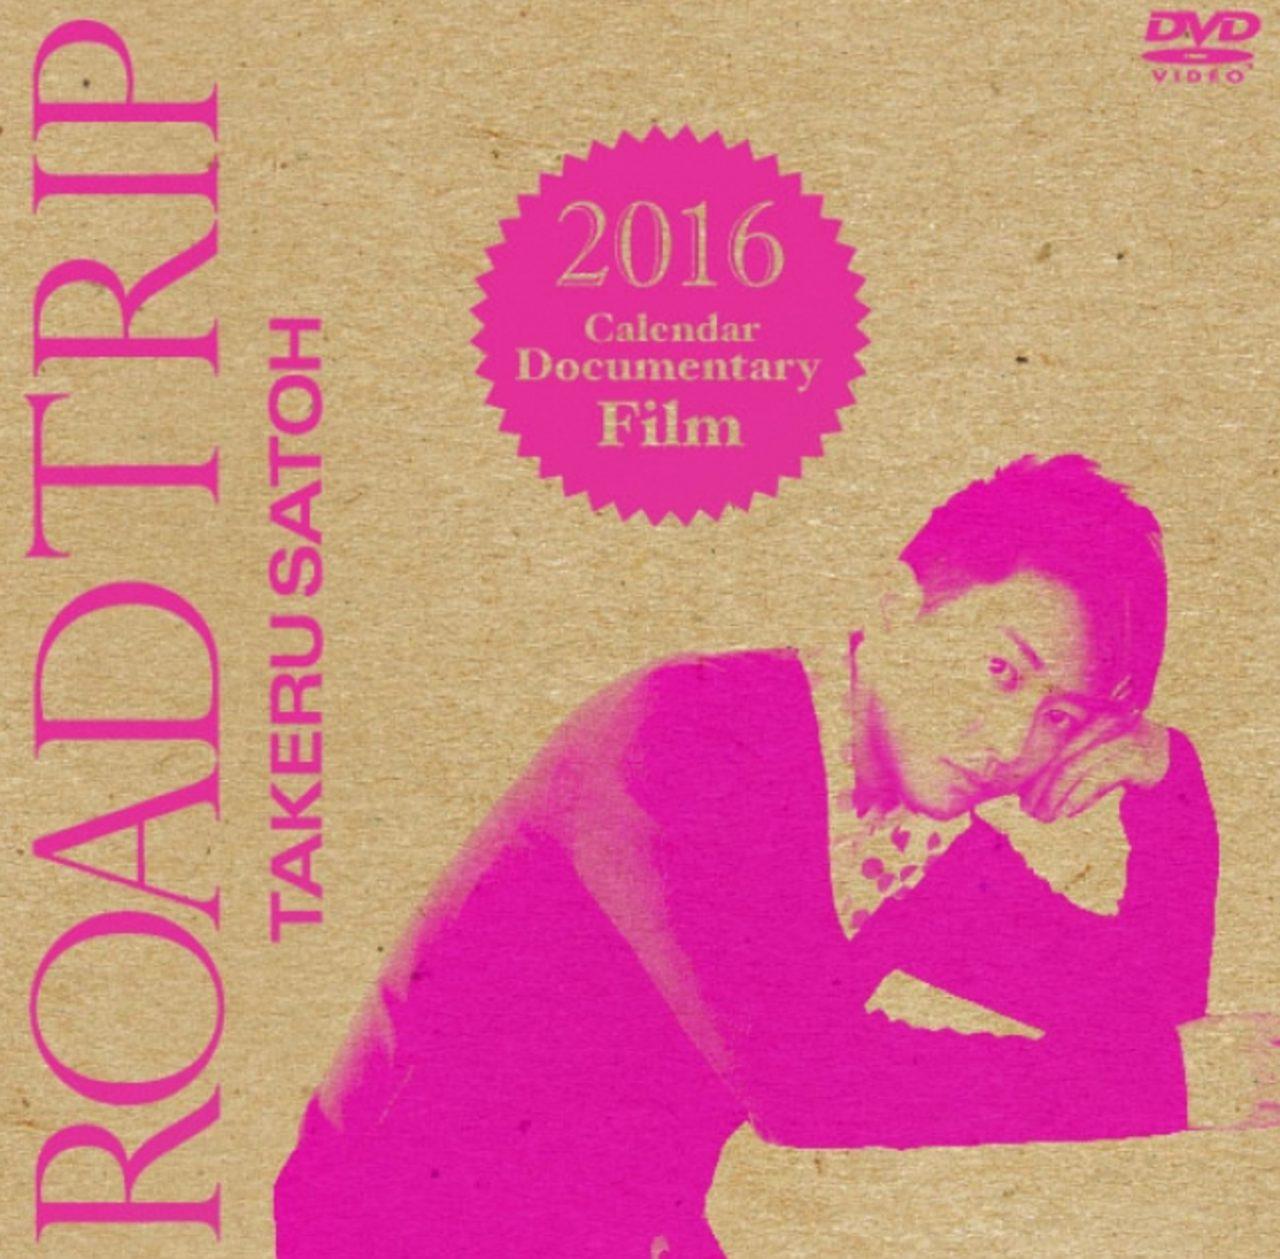 画像: ■佐藤めくる「ROAD TRIP」+かける「ROAD TRIP」+ 「Documentary Film」 コンプリートセット 「Documentary Film」DVD/分数:約30分 16:9 LB/リージョンALL NTSC日本市場向/DOLBY DIGITAL/カラー/MPEG-2/片面・二層/言語:日本語/音声内容:オリジナル/録音方式:2chステレオ ※『Documentary Film』はコンプリートセットでの販売のみとなります。 【コンプリートセット(卓上カレンダー・壁掛けカレンダー・DVDのセット)値段】6800円(税込)